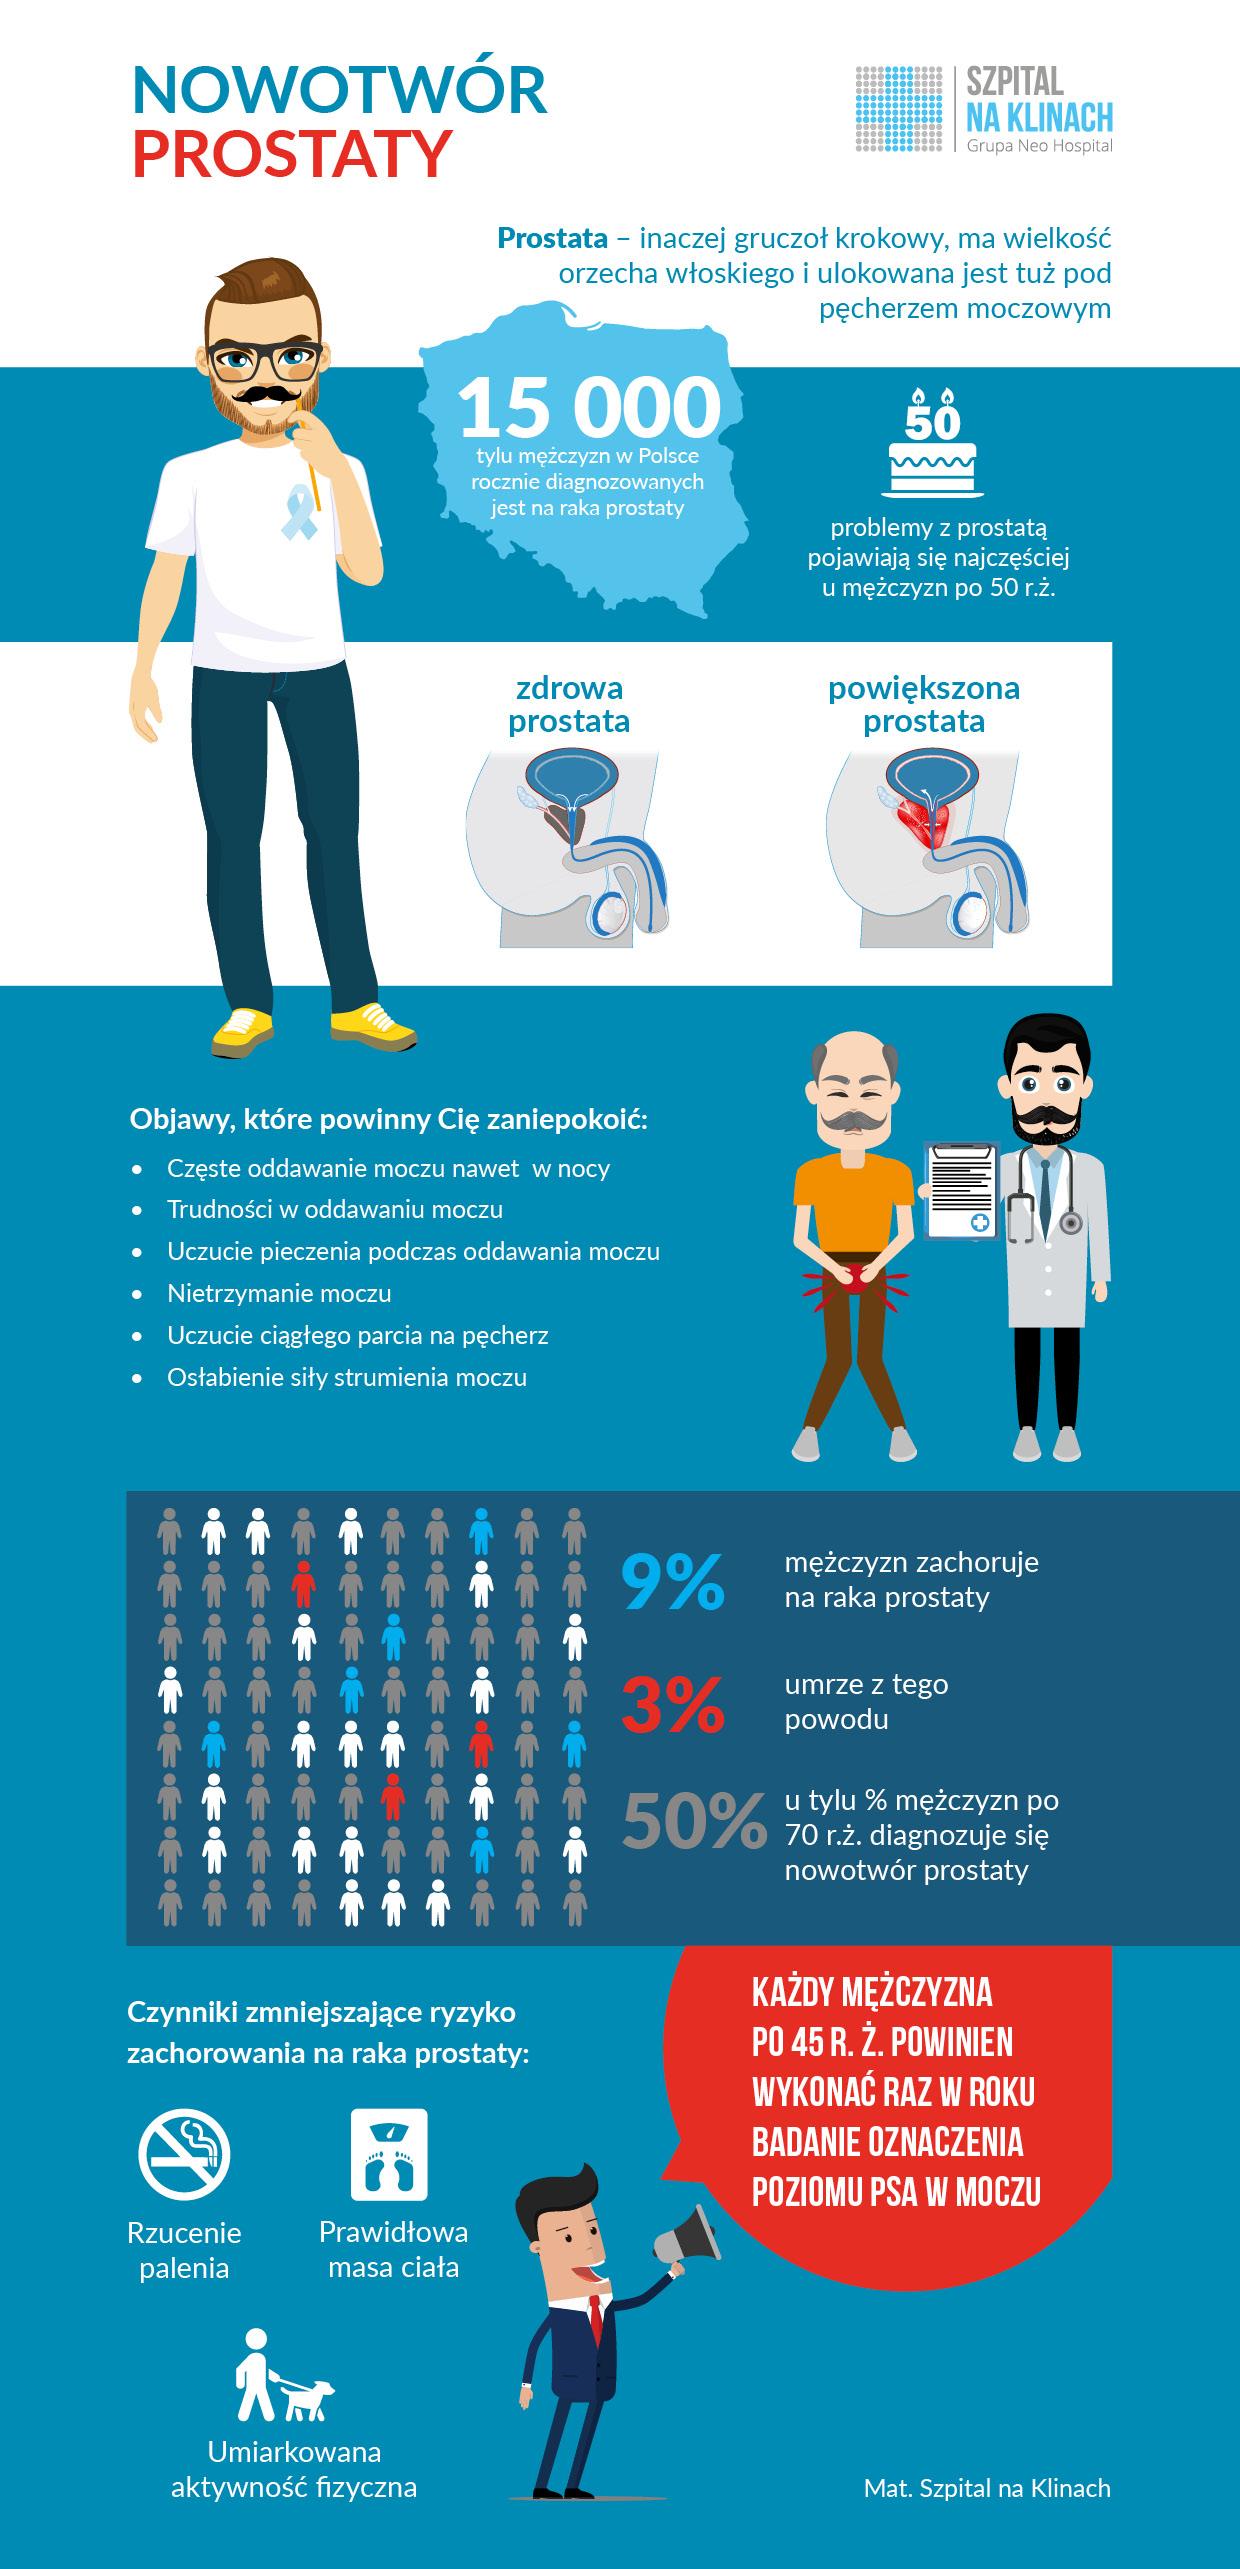 prostata problemy objawy